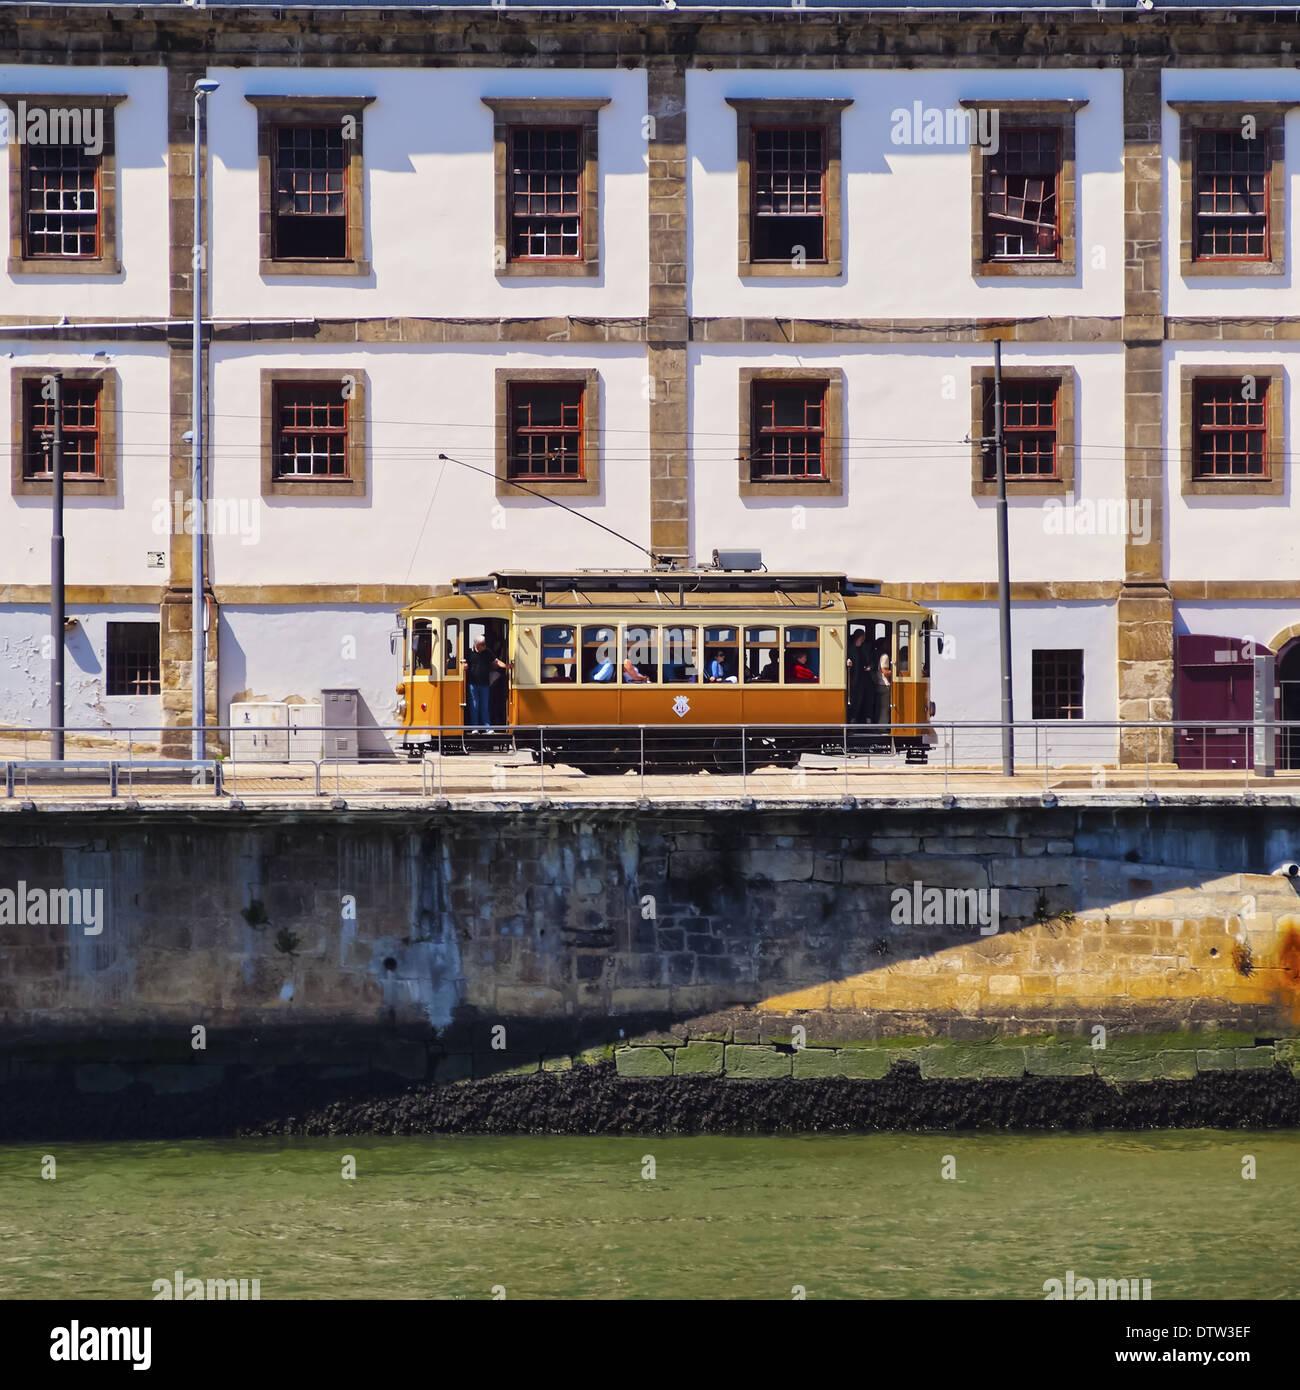 Passeio Alegre Number 1 Tram going along the Douro River in Porto, Portugal - Stock Image